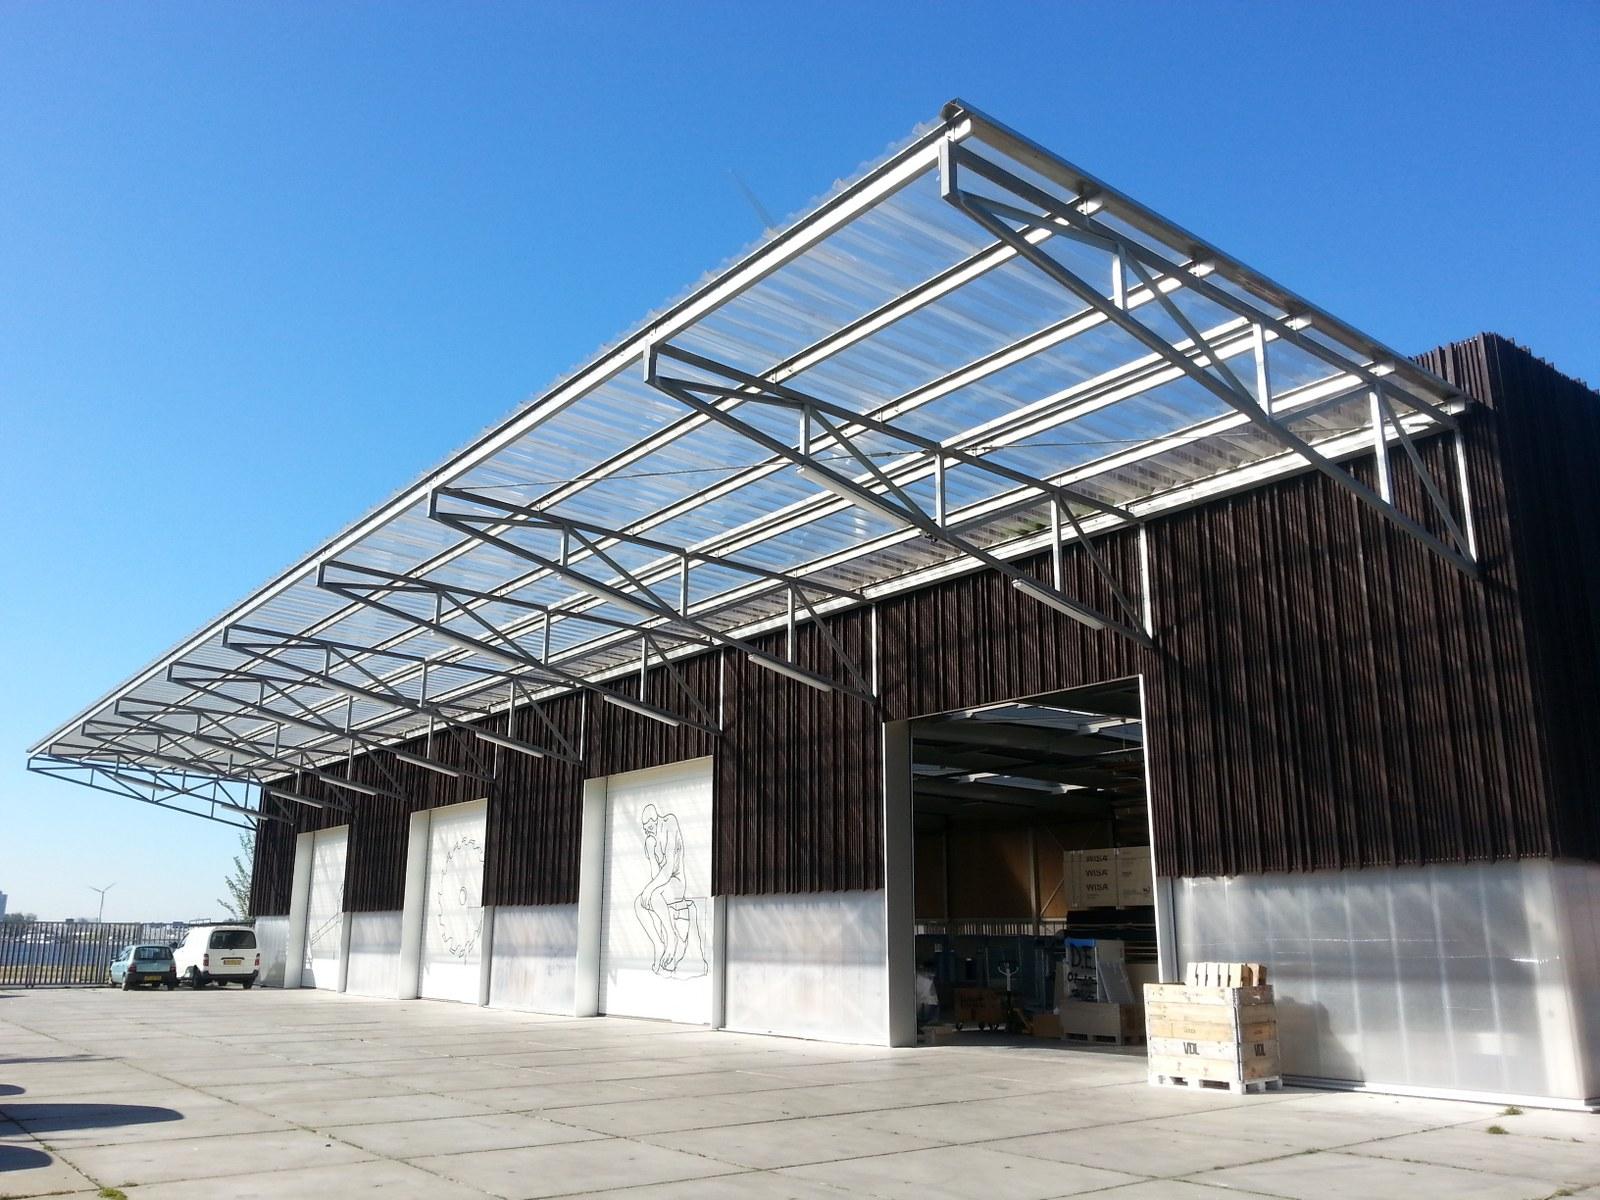 werkgebouw fiction factory 3 Amsterdam